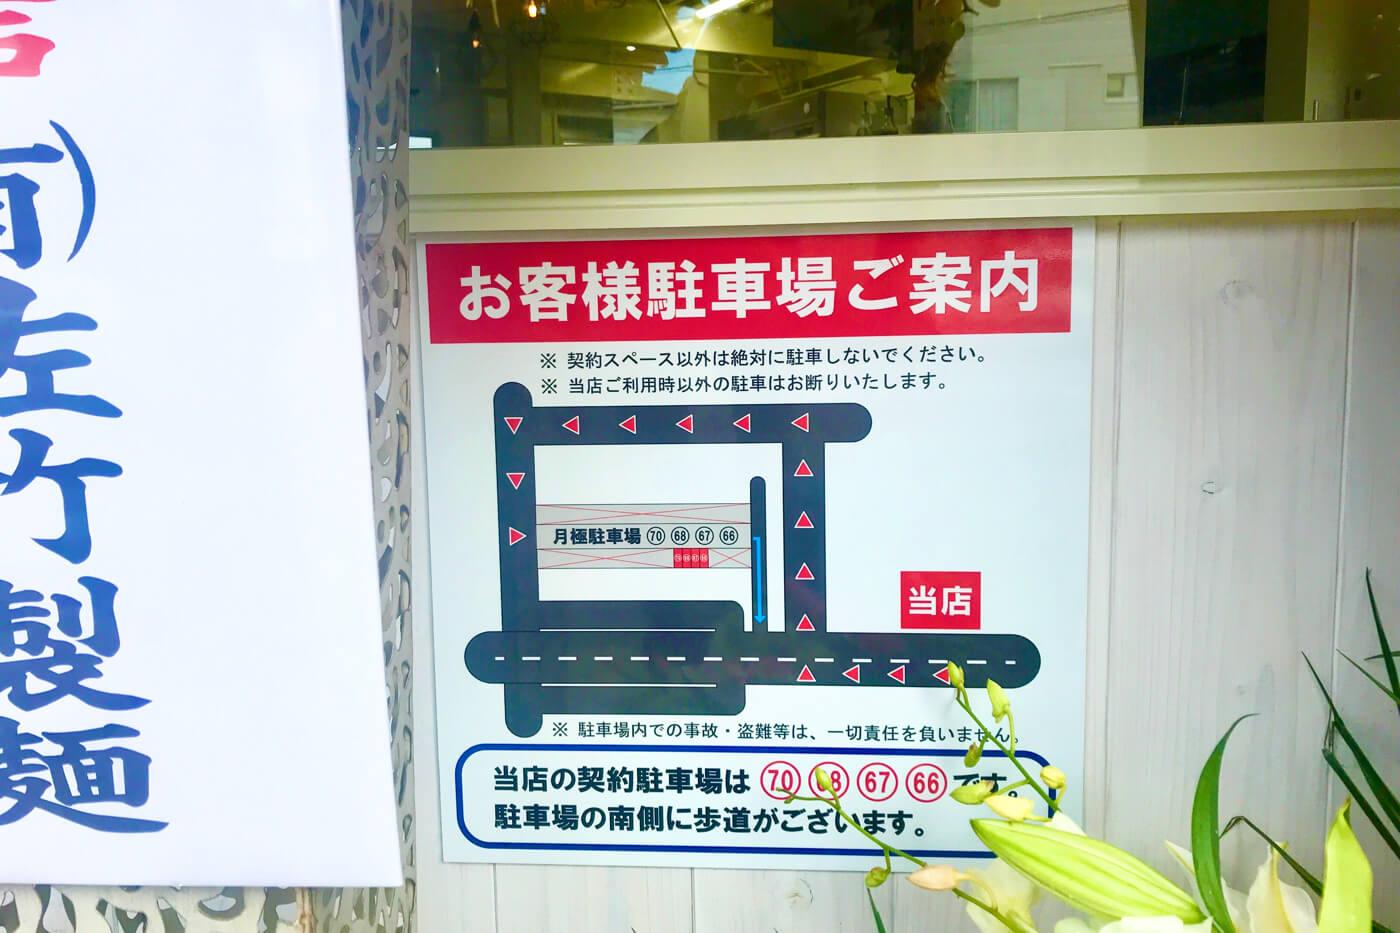 らーめん食堂 一心 namihana 店先に貼られた契約駐車場案内